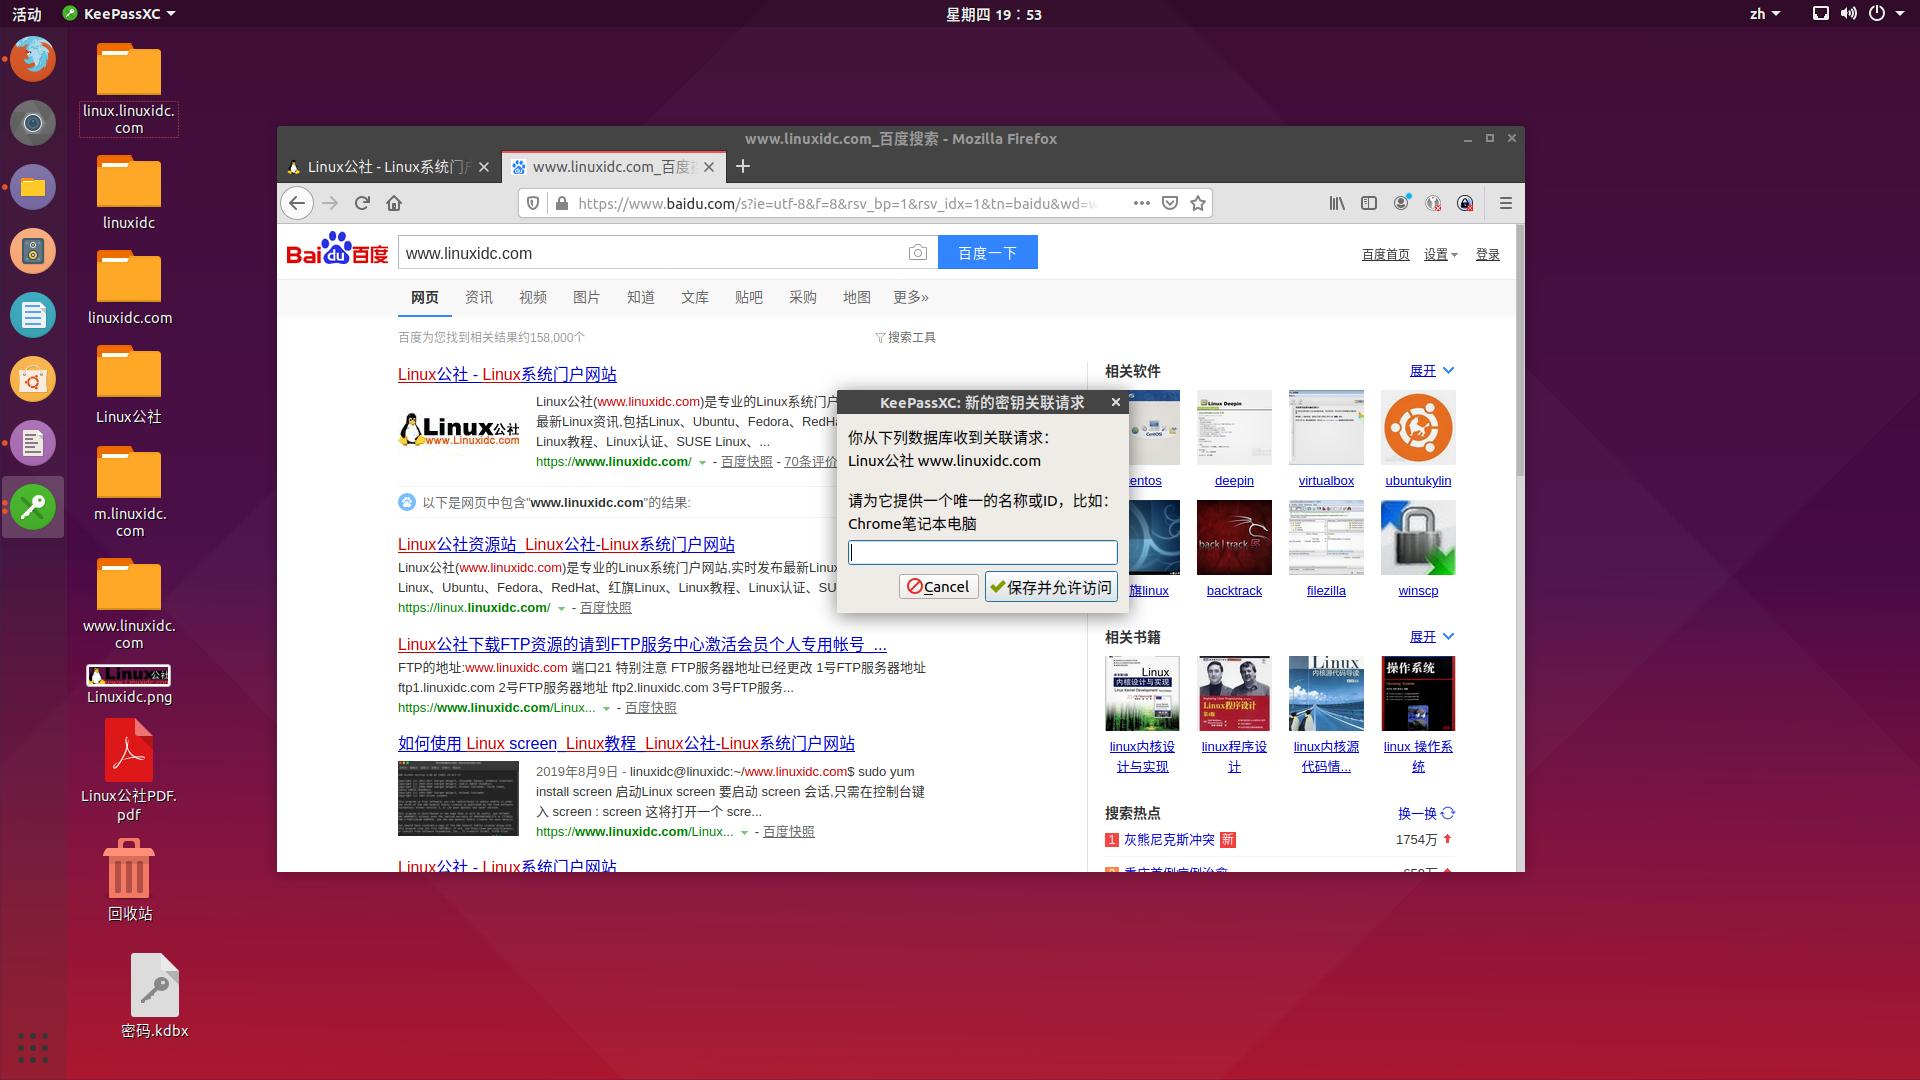 多平台开源软件 KeePassXC 使用方法详解